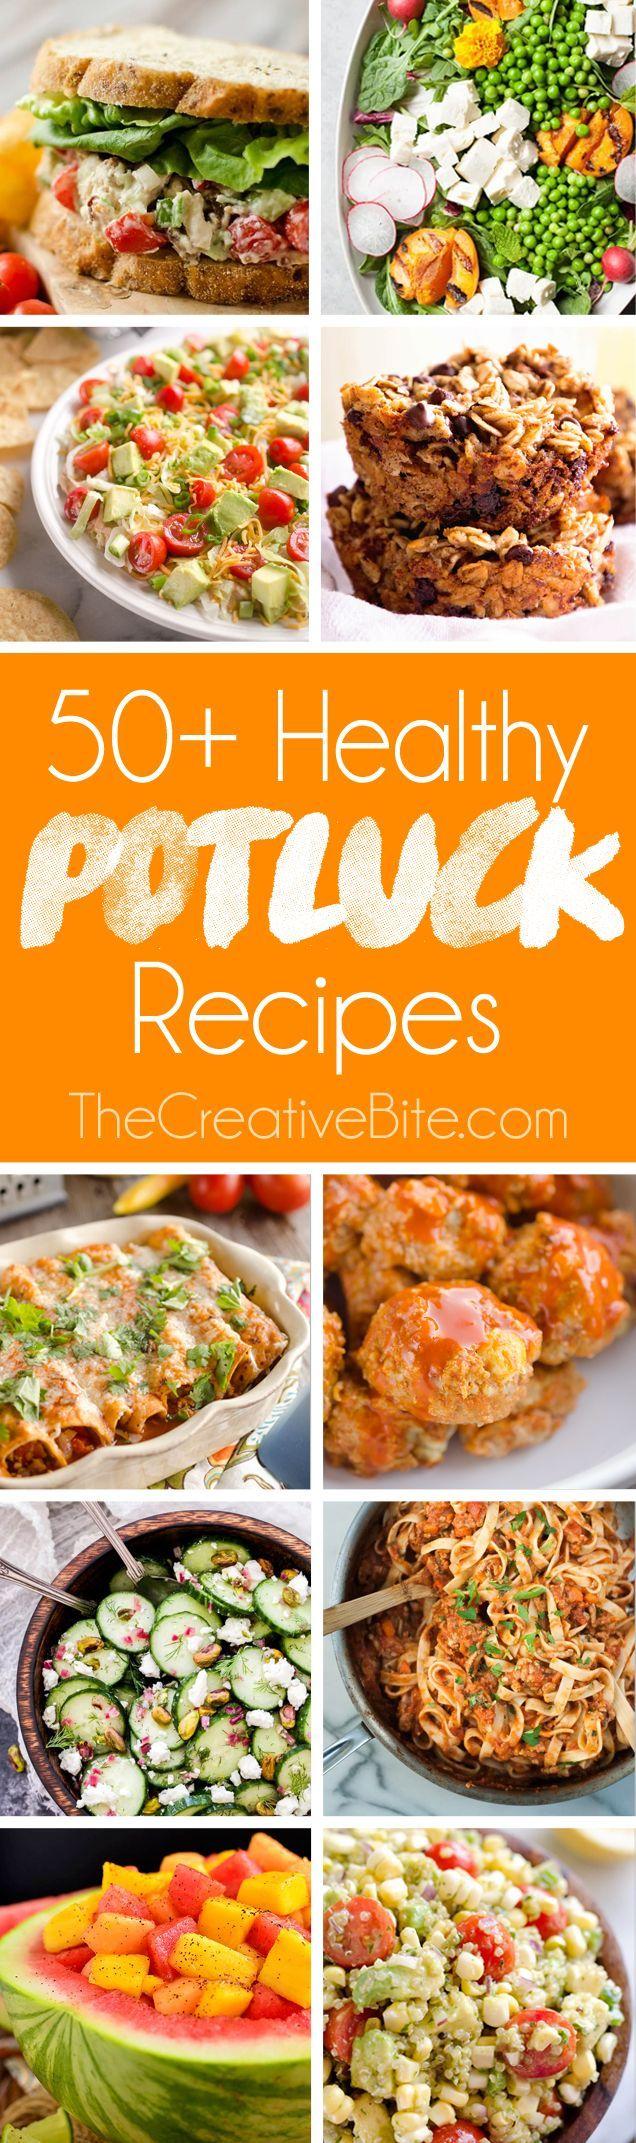 50+ Light U0026 Healthy Potluck Recipes